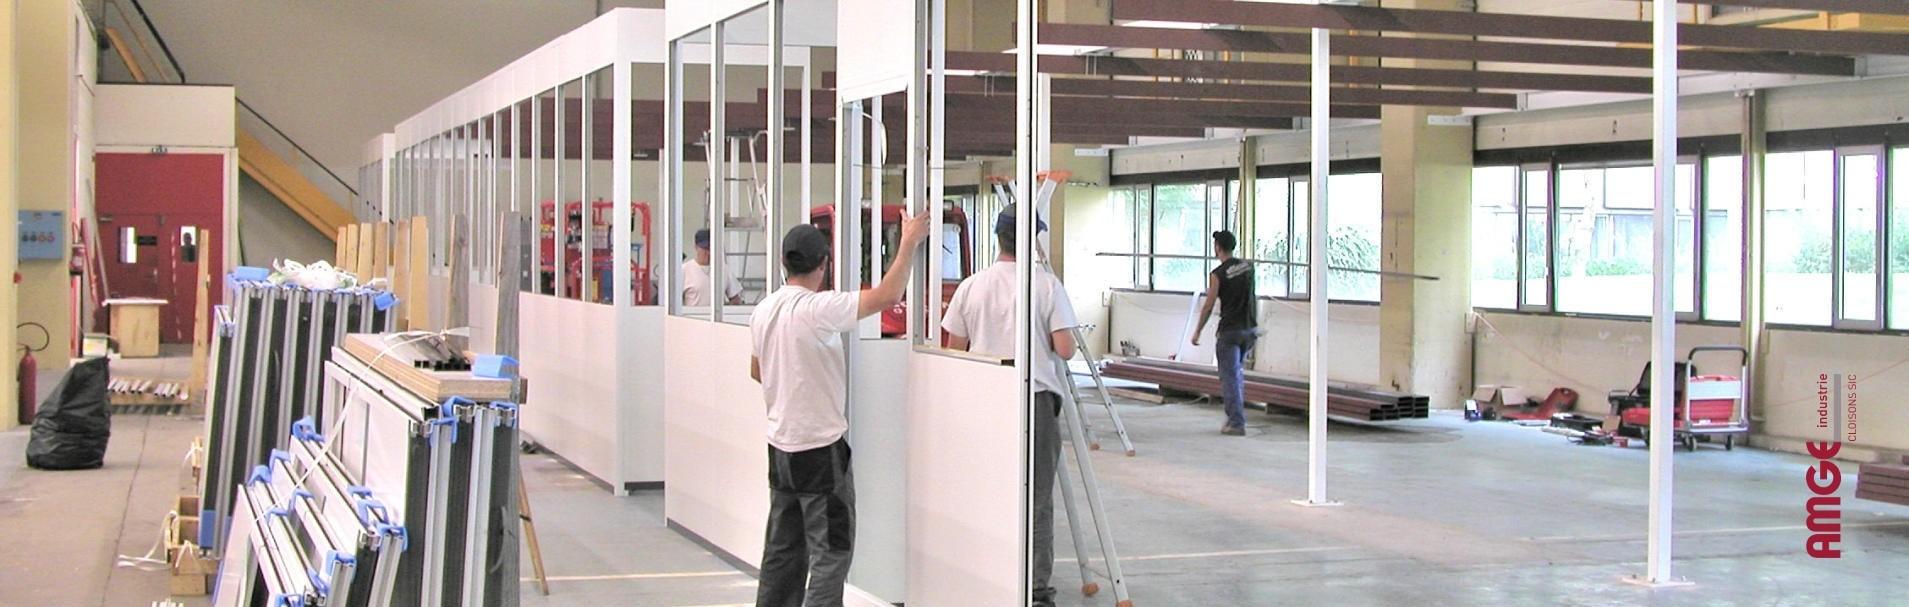 Installation de cloisons, cabines et plateformes :